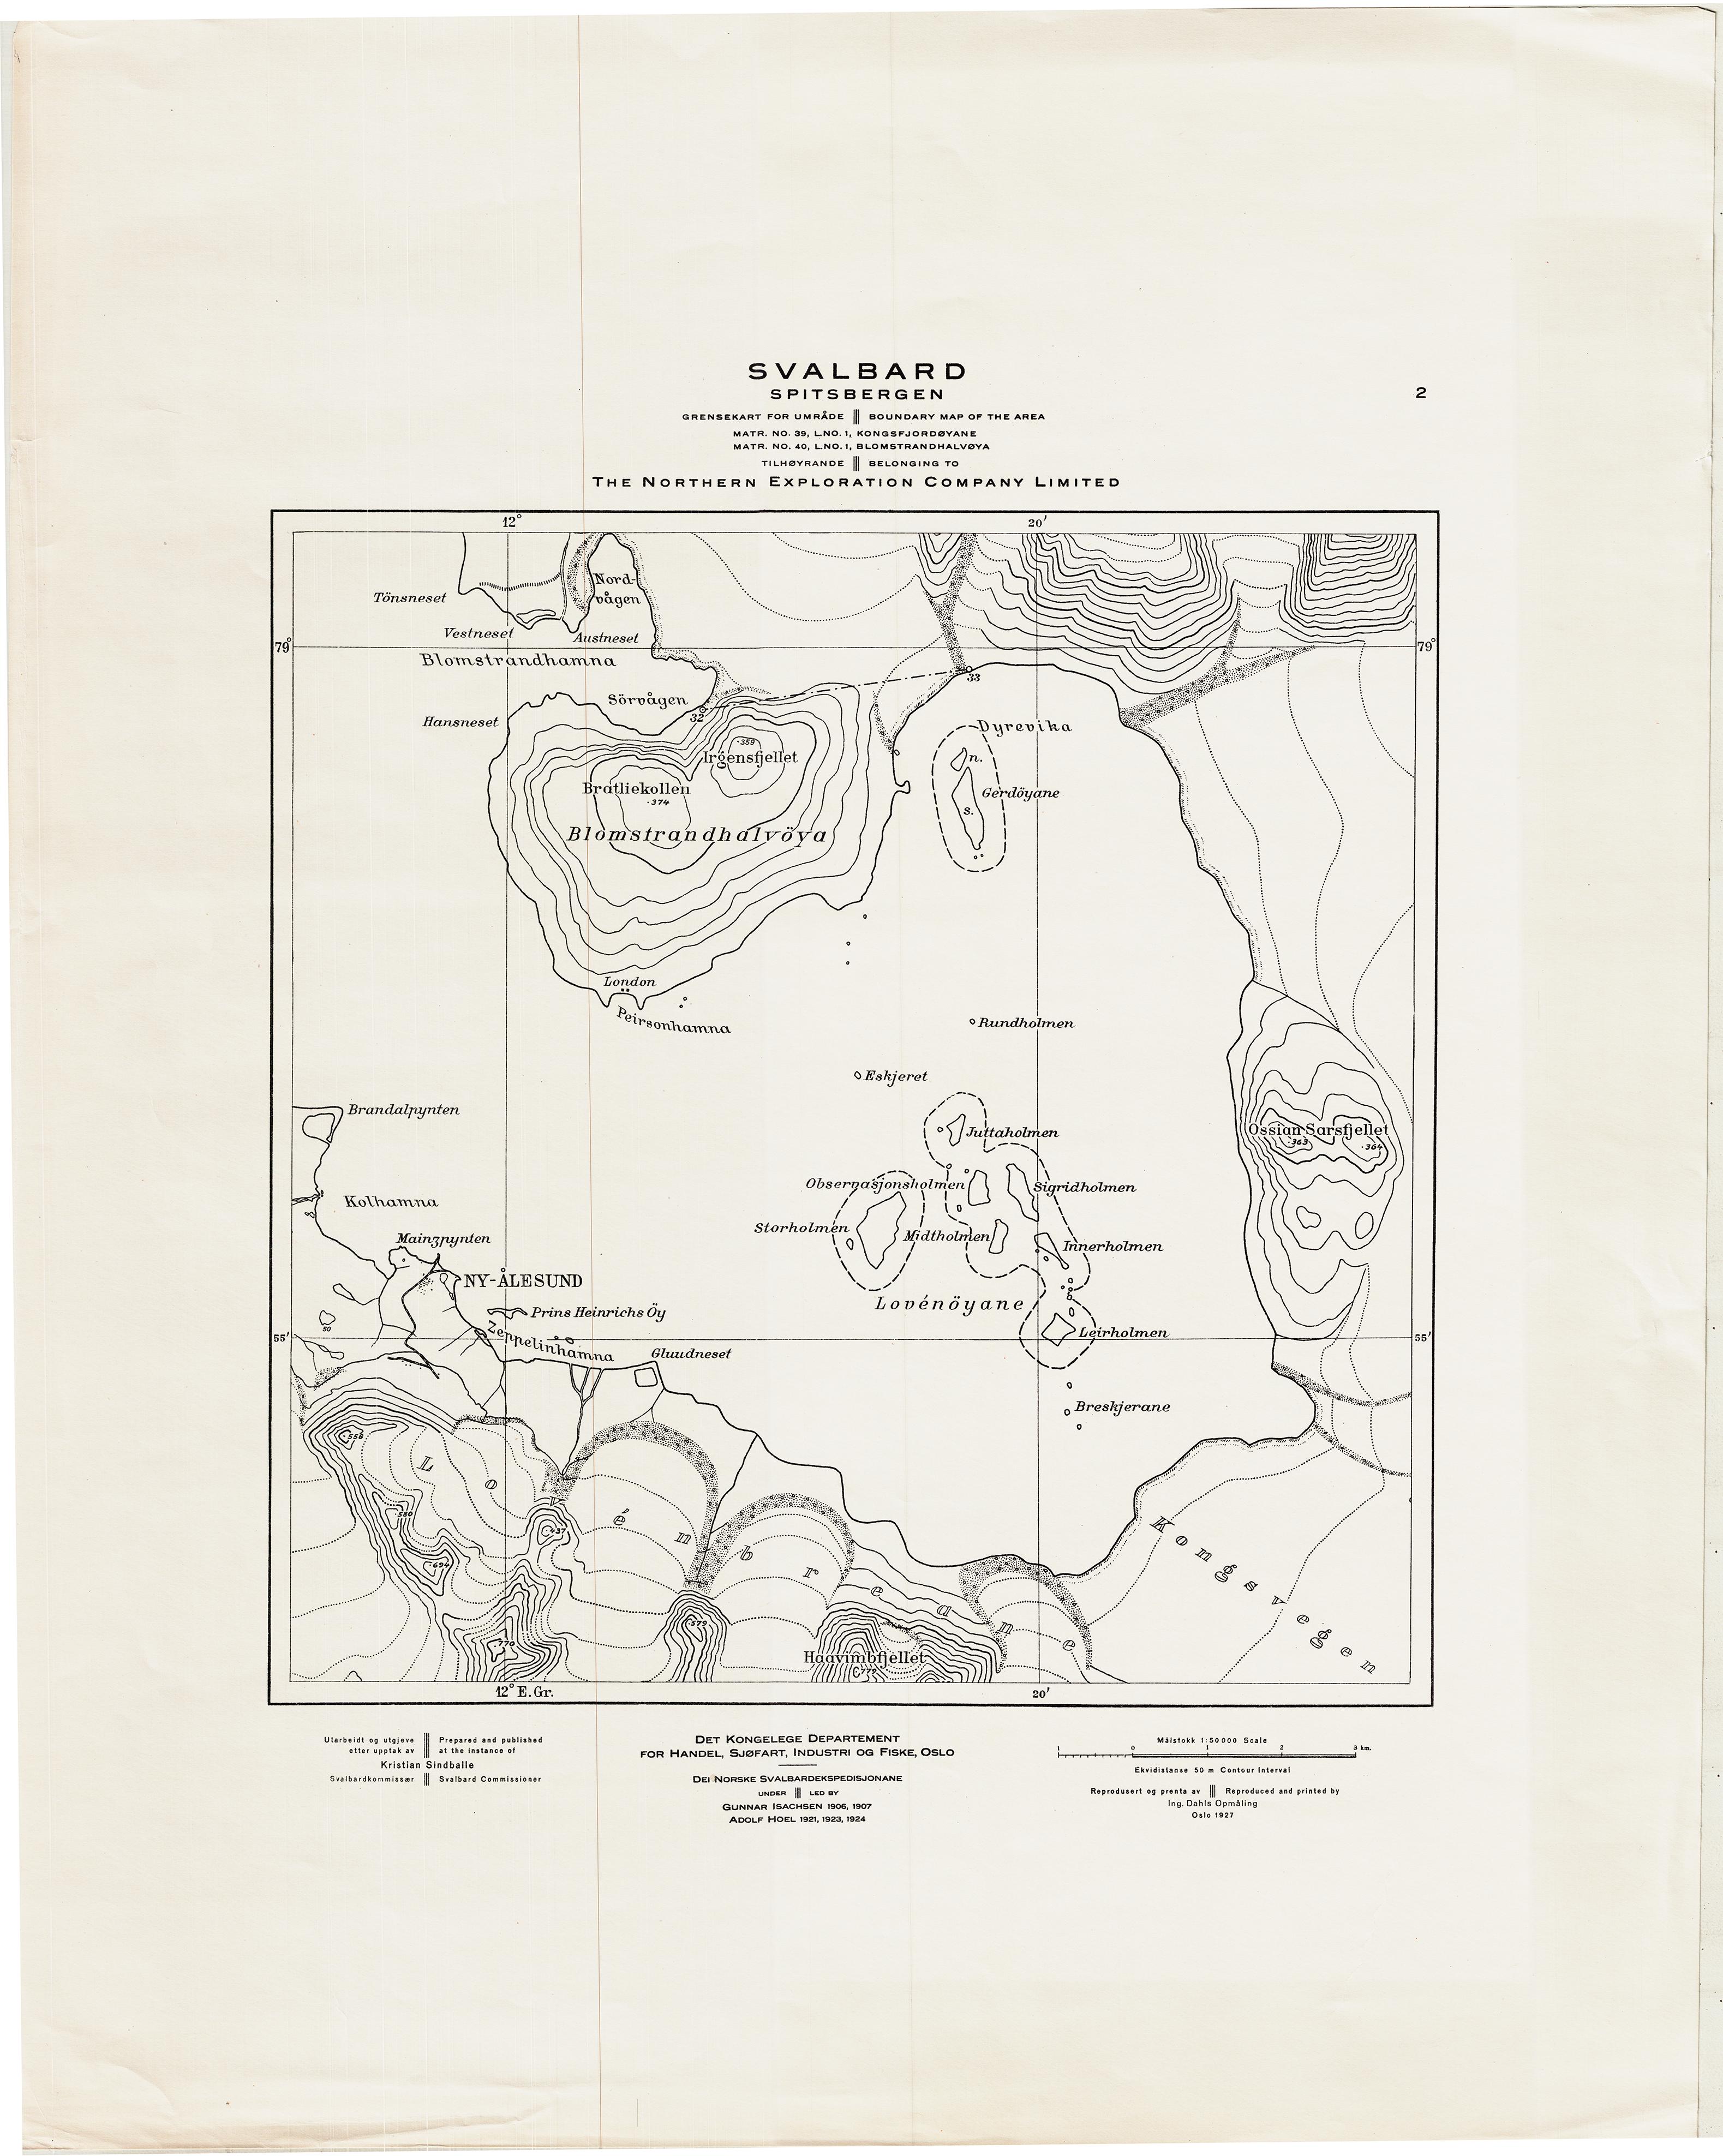 fiske kart File:Kart over Kongsfjordøyane og Blomstrandhalvøya på Svalbard  fiske kart